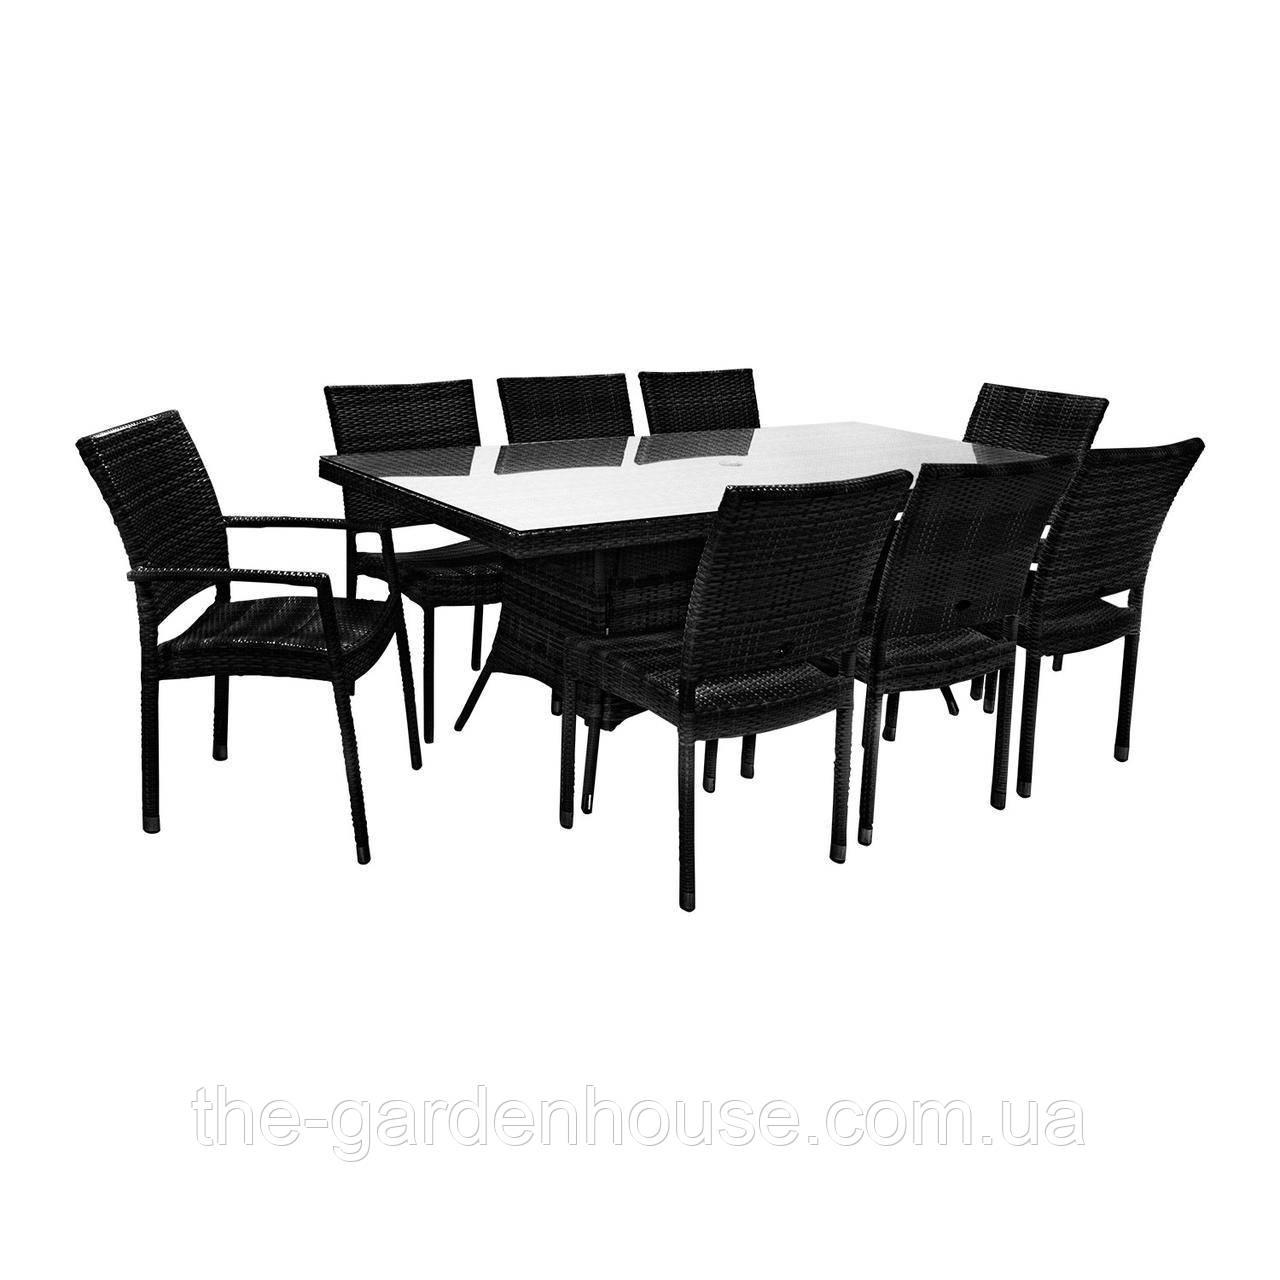 Обеденный комплект Wicker из техноротанга: стол 200 см и 8 стульев черный